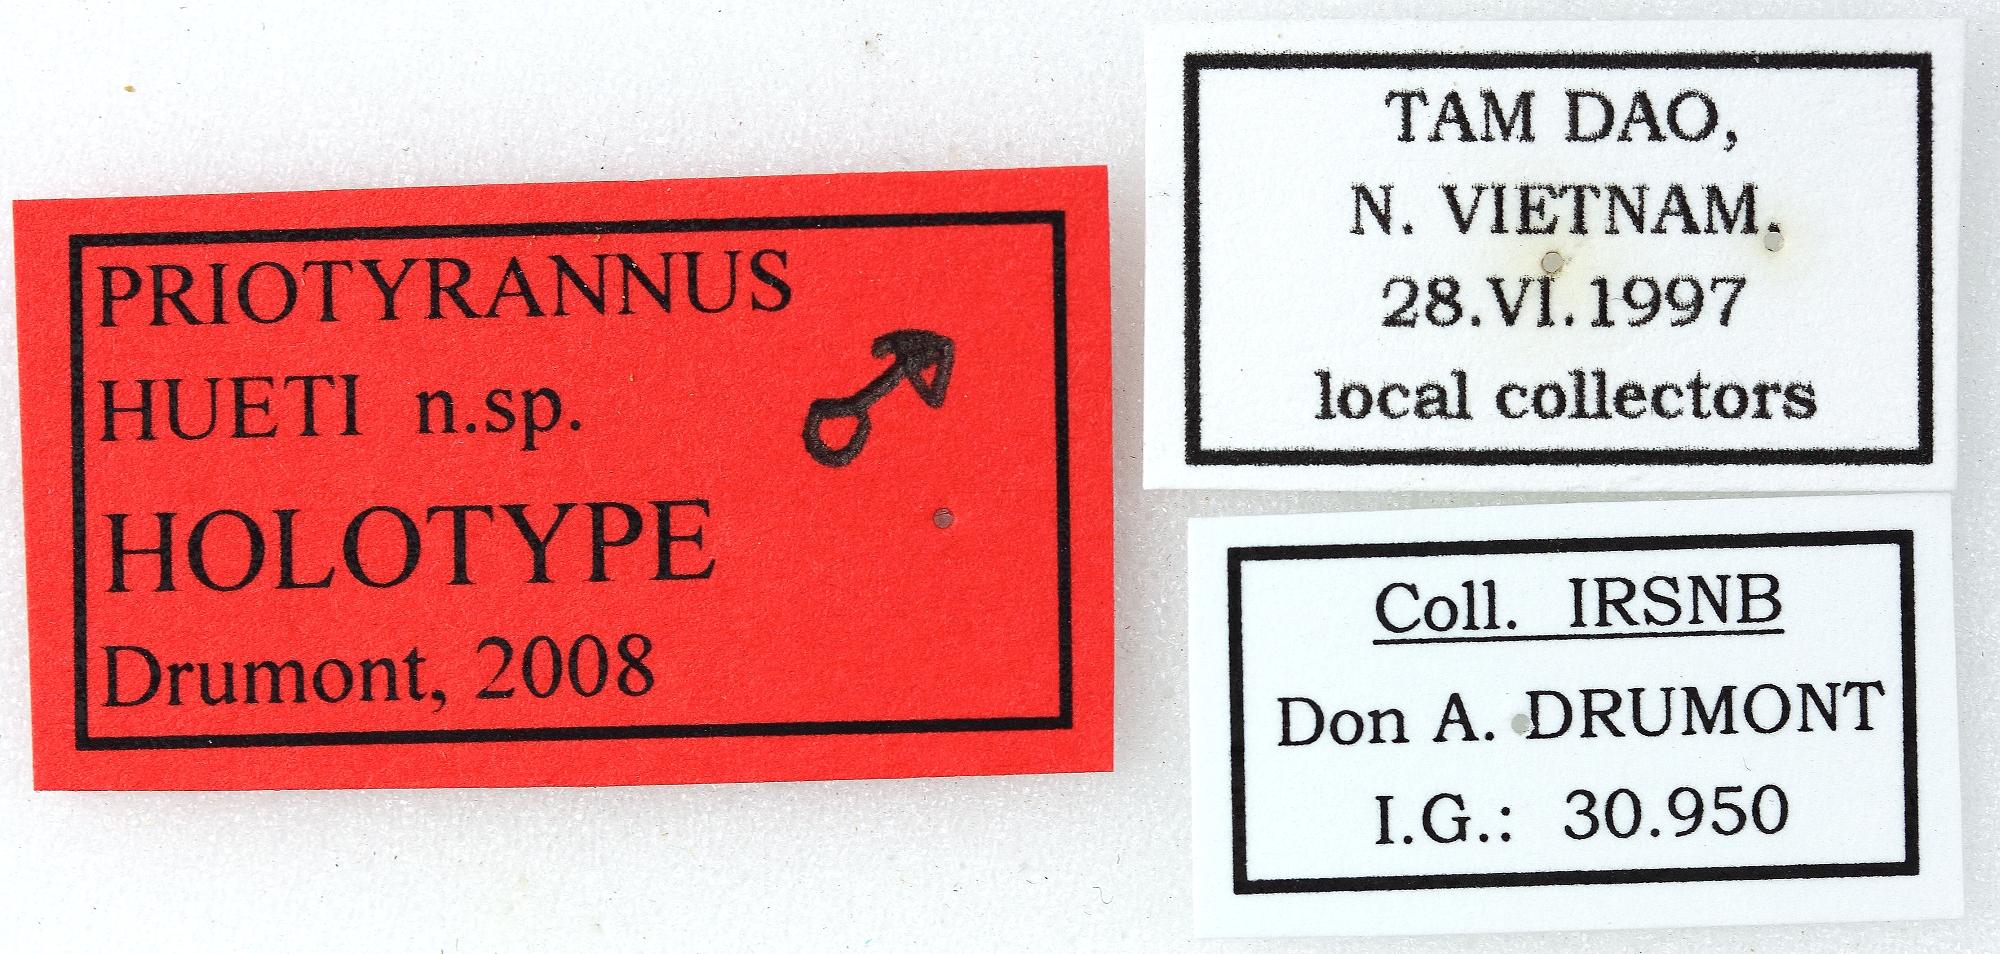 Priotyrannus hueti 01 00 Holotype M 041 BRUS 201405.jpg